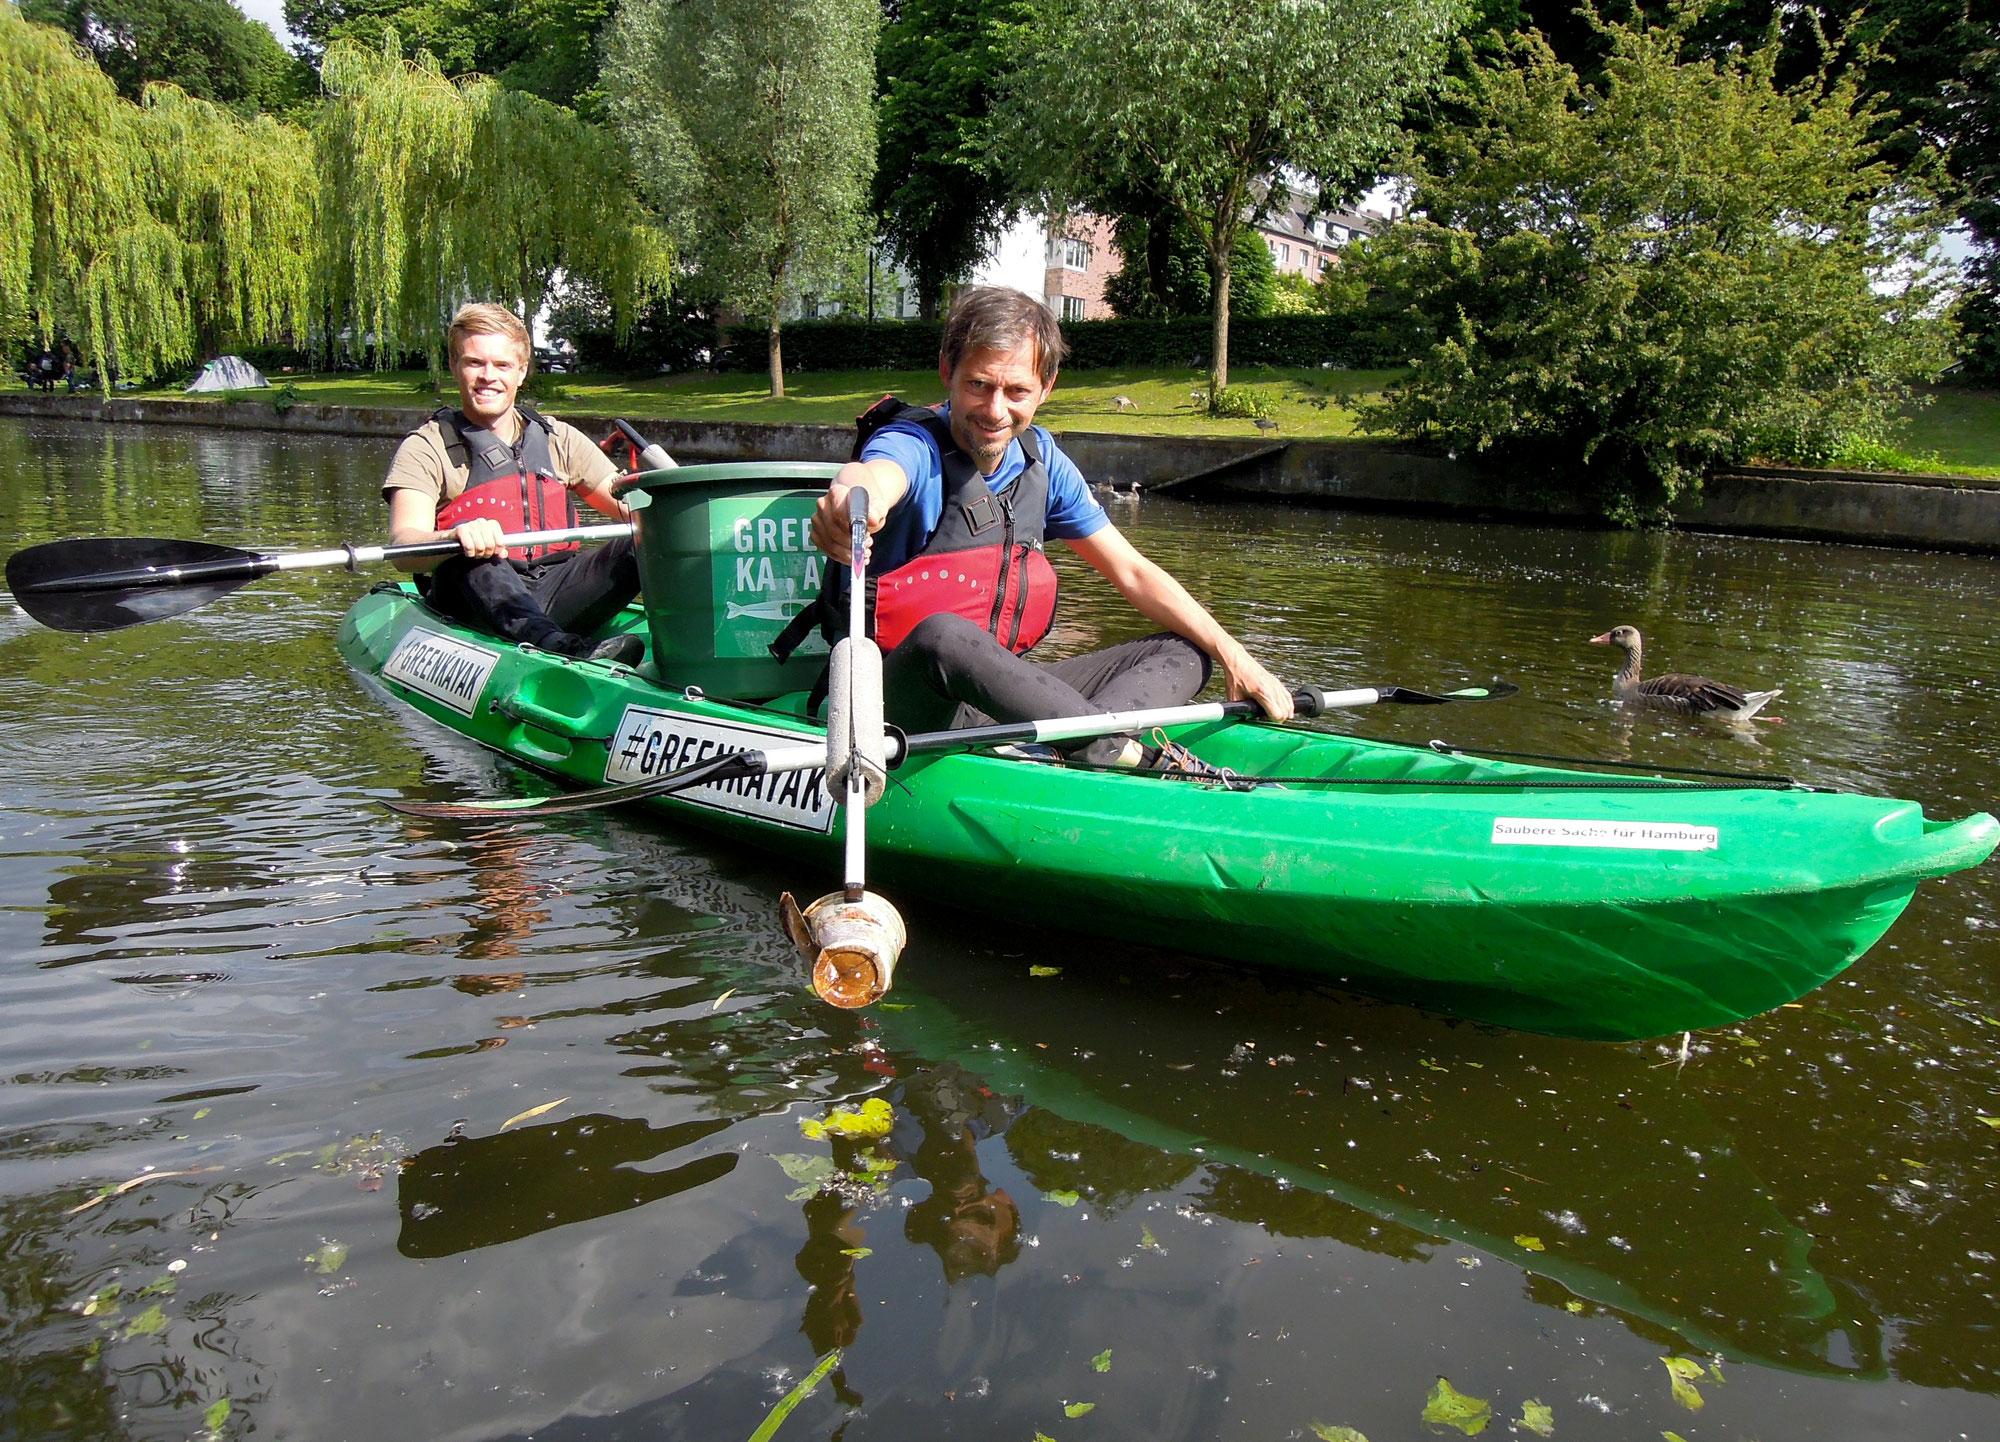 Greenkayak: Was im Wasser übrig bleibt